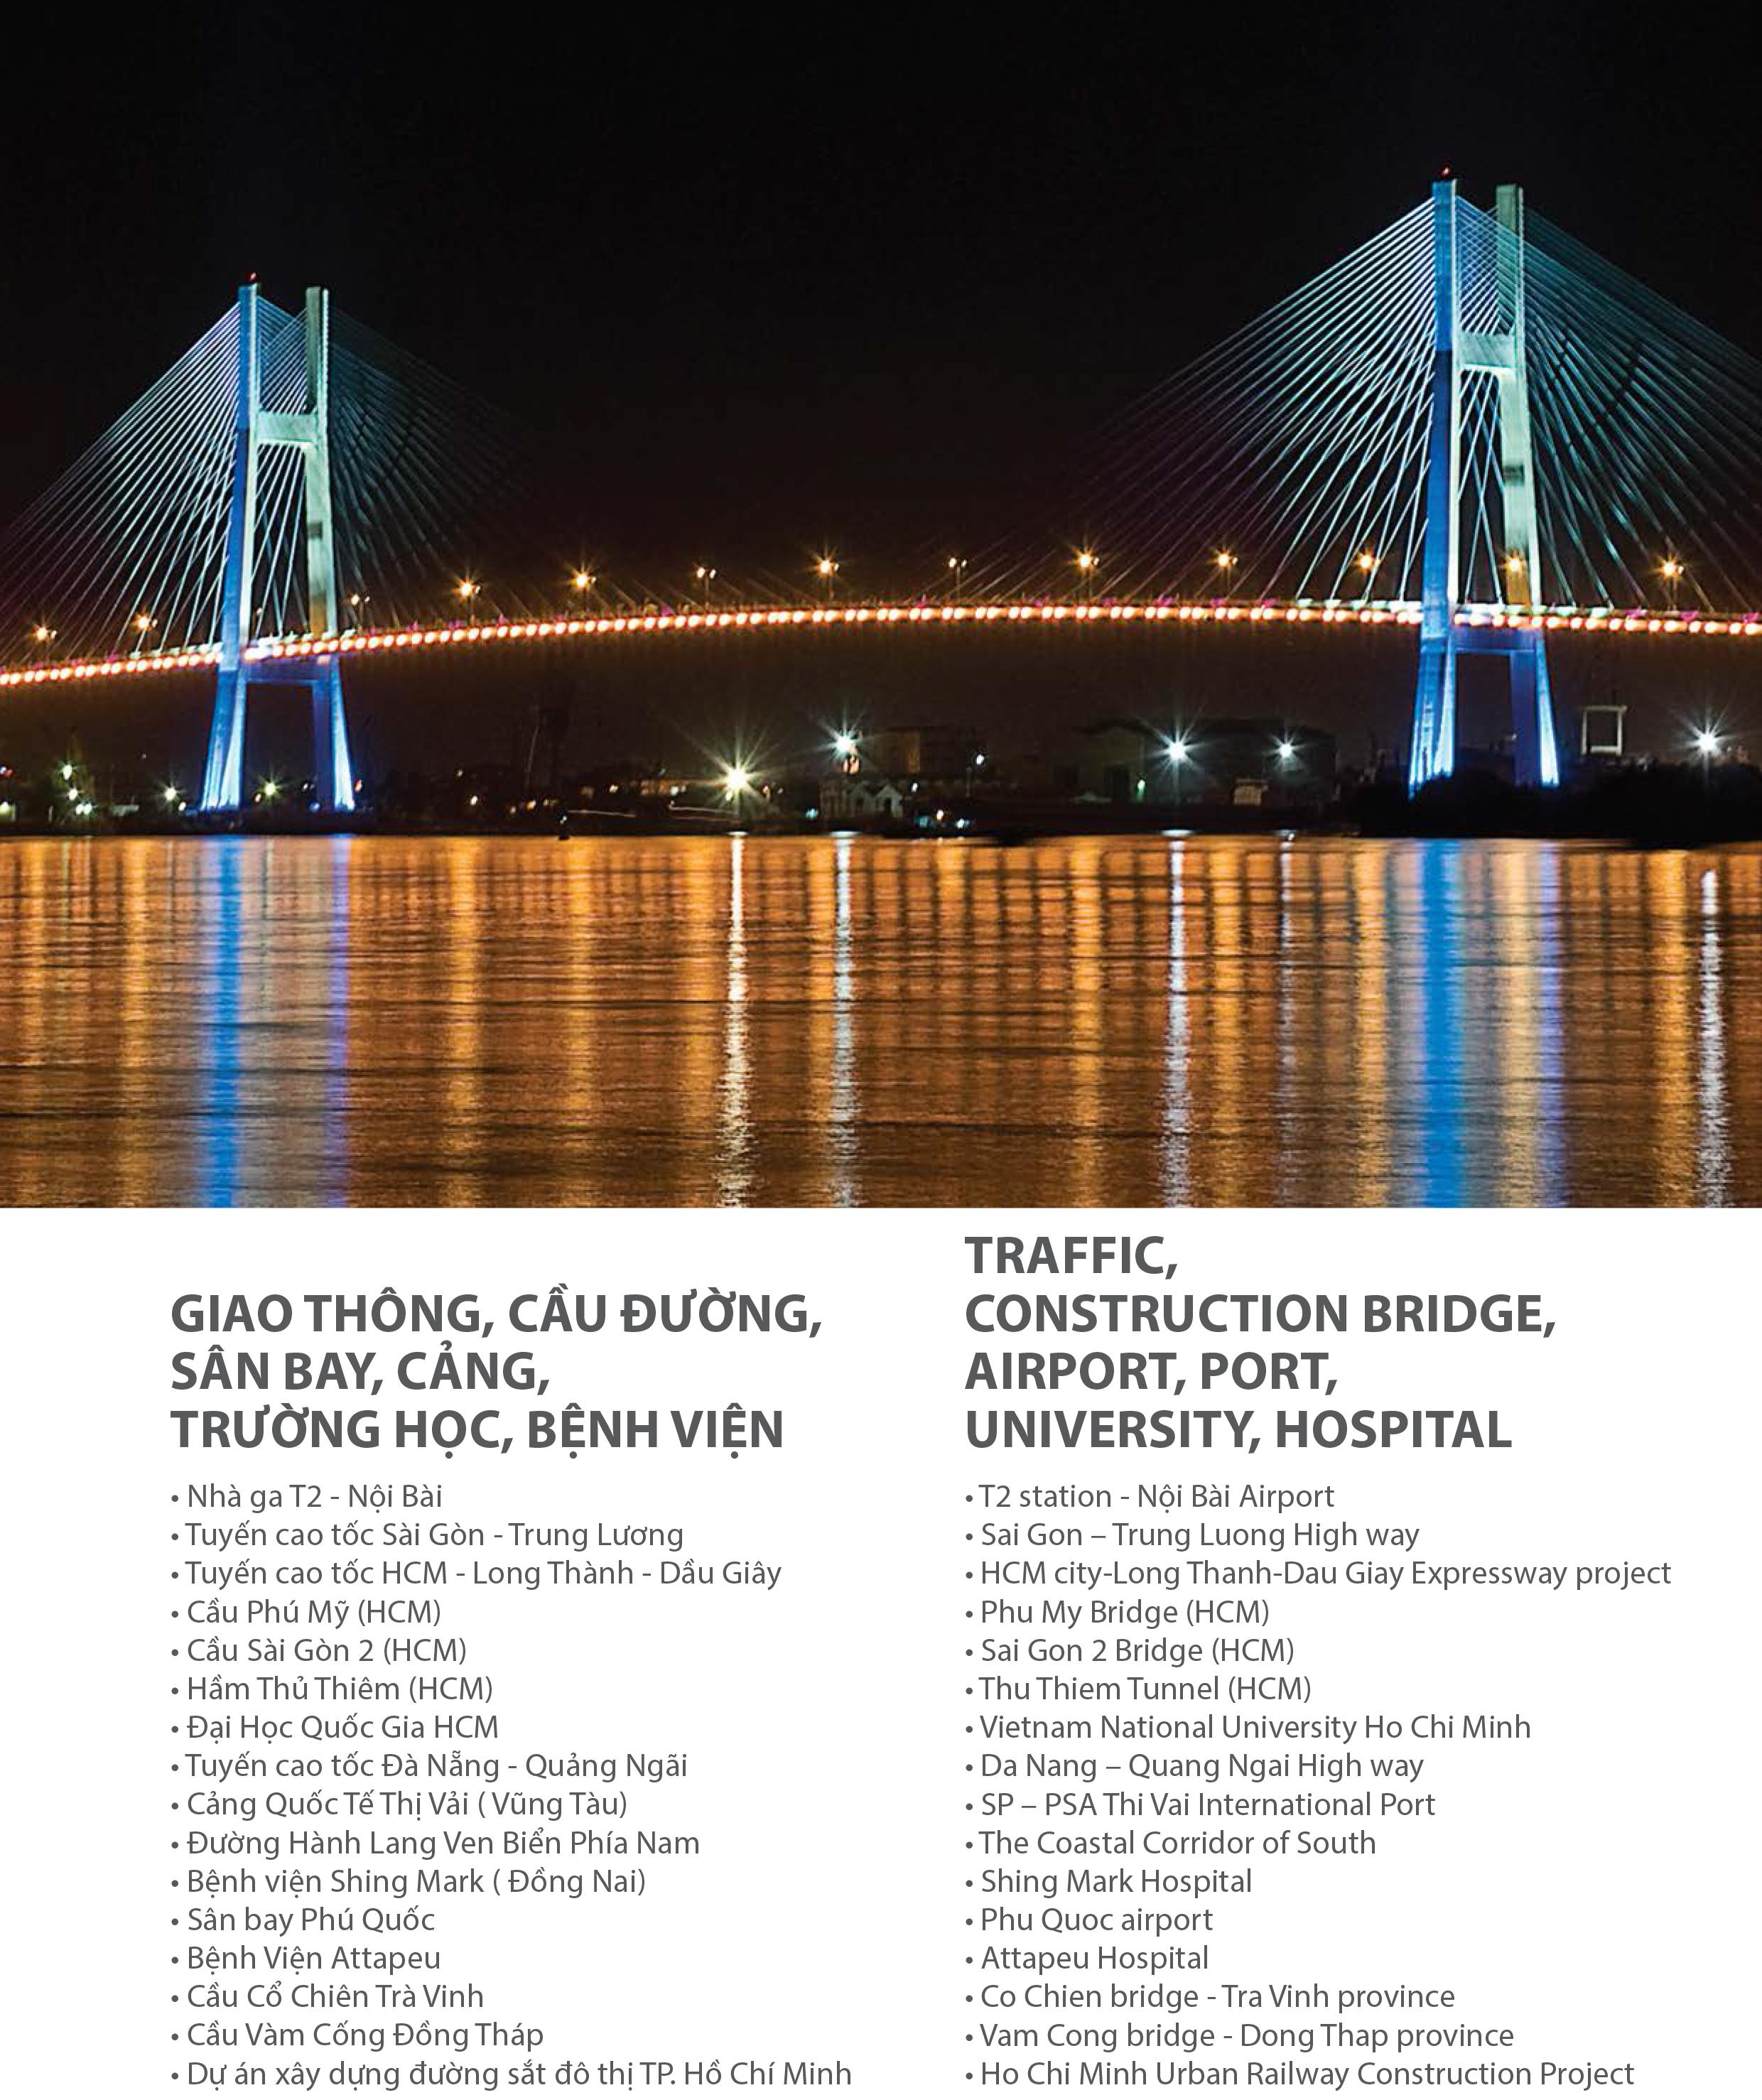 Công trình giao thông - cầu đường của công ty Pomina